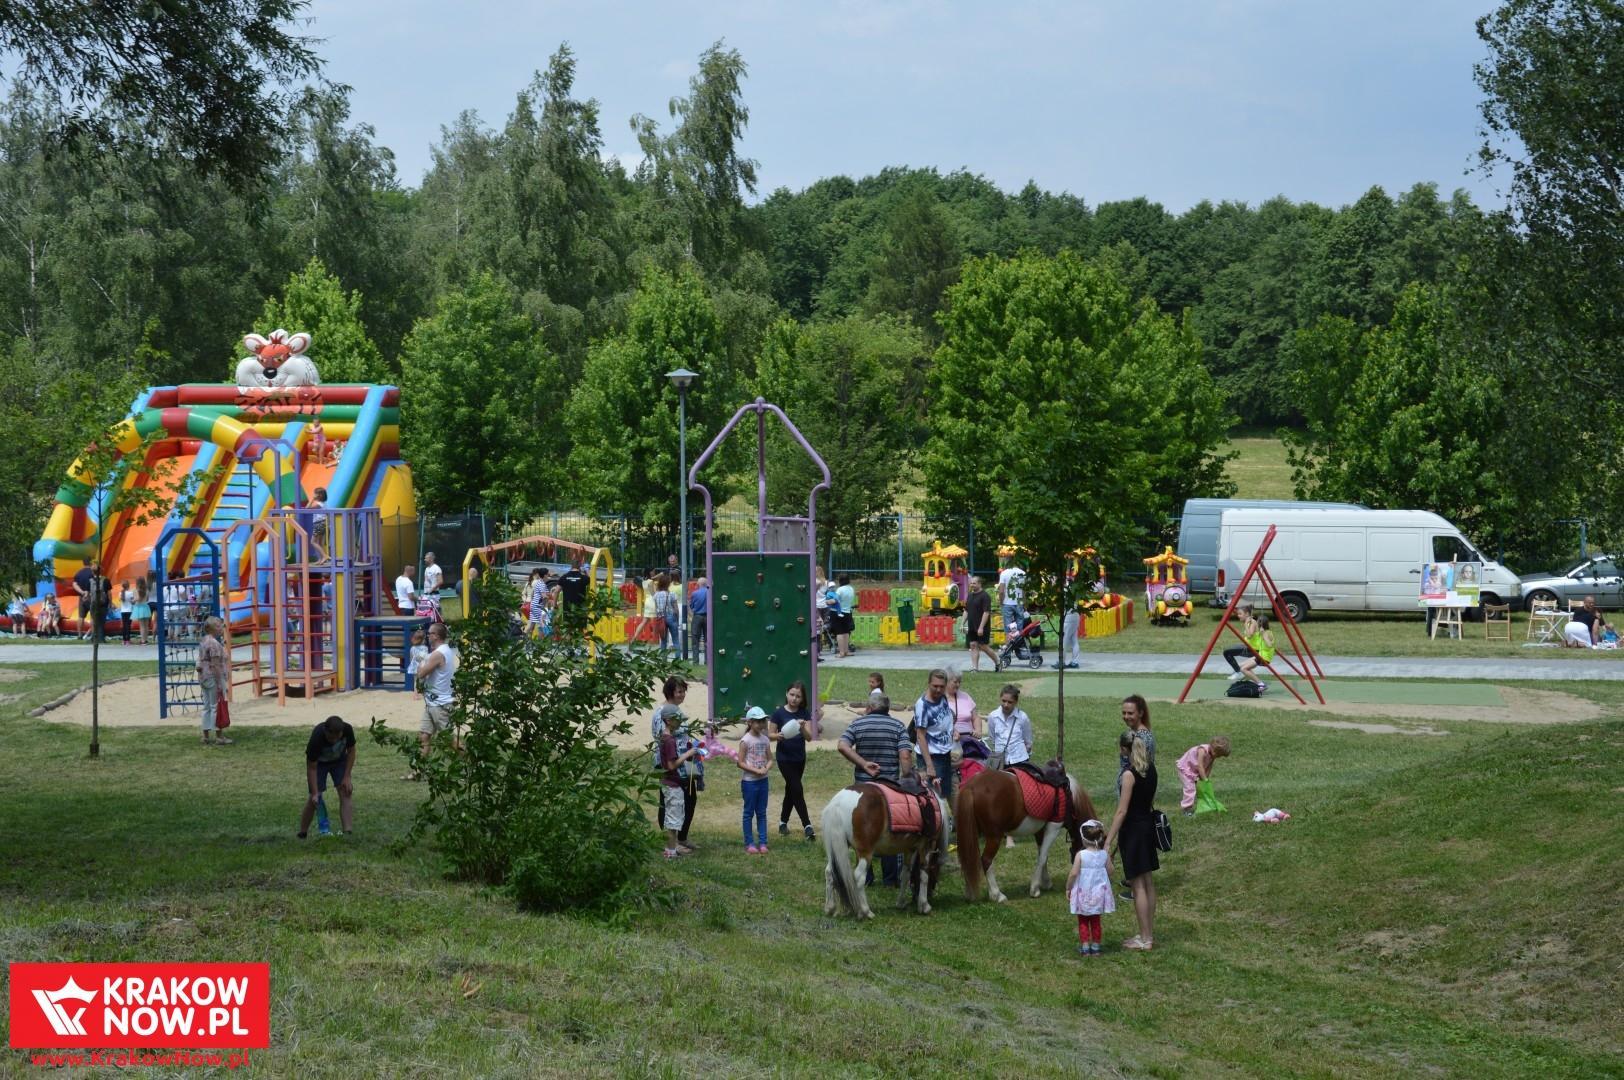 25 lat osiedla rzaka krakow festyn rodzinny 63 150x150 - 25 lat Osiedla Rżąka - galeria zdjęć z festynu